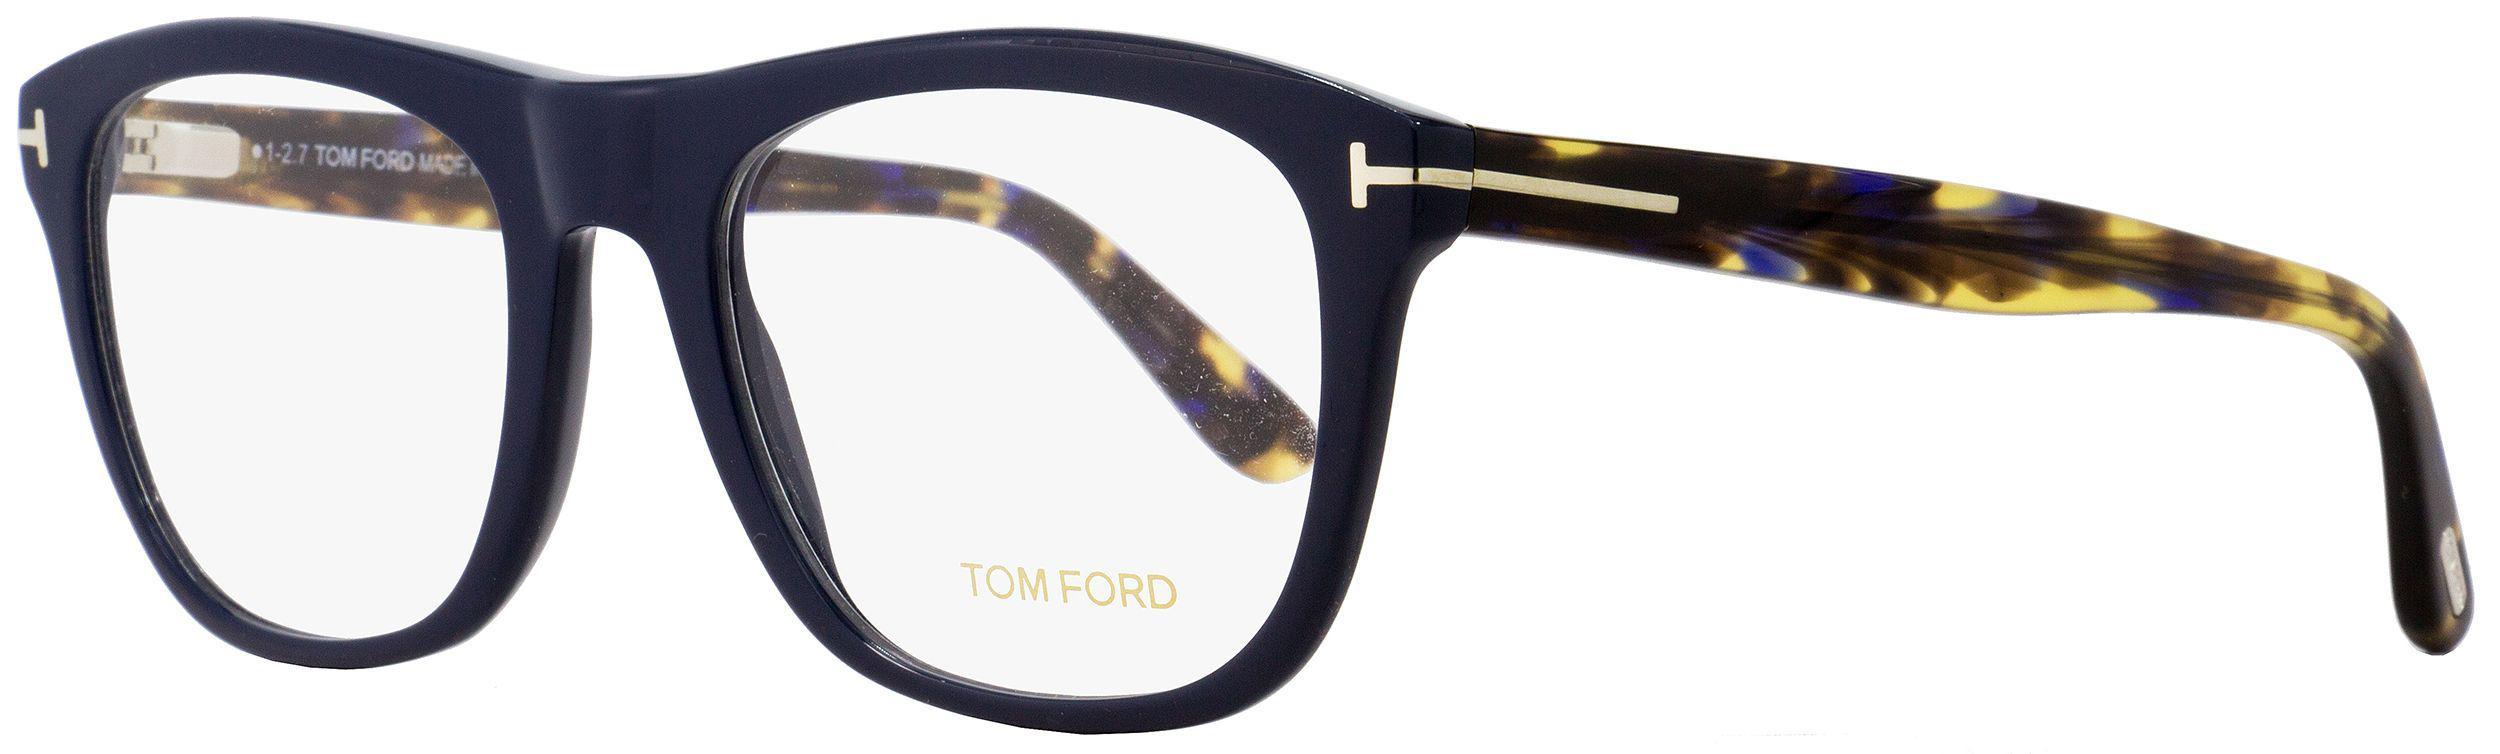 15a52093318e Tom Ford - Rectangular Eyeglasses Tf5480 090 Navy Blue havana 54mm Ft5480  for Men -. View fullscreen